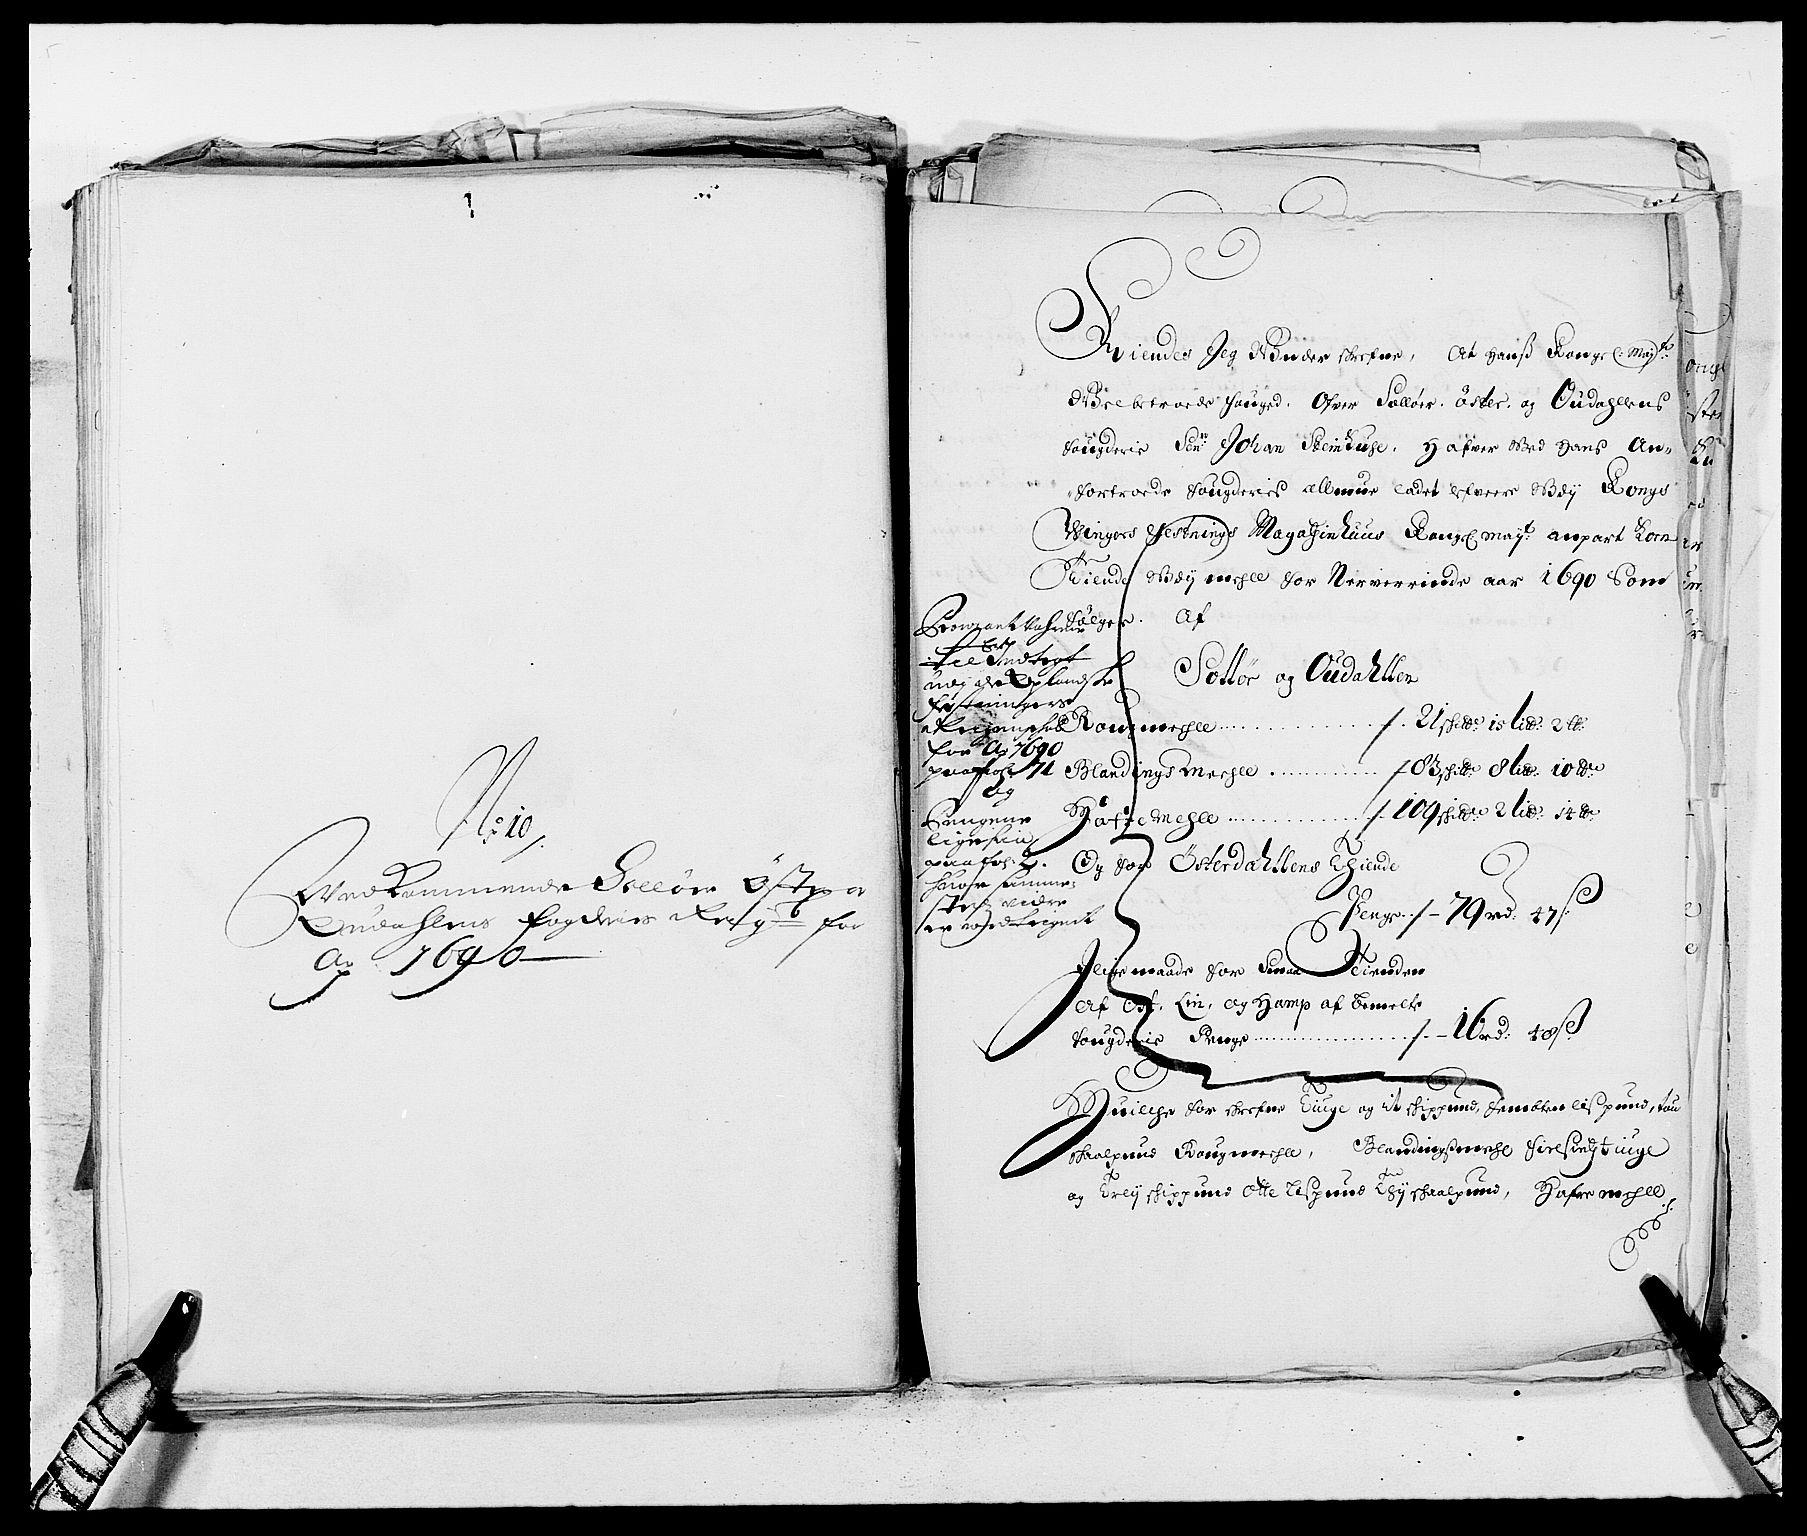 RA, Rentekammeret inntil 1814, Reviderte regnskaper, Fogderegnskap, R13/L0828: Fogderegnskap Solør, Odal og Østerdal, 1690, s. 363